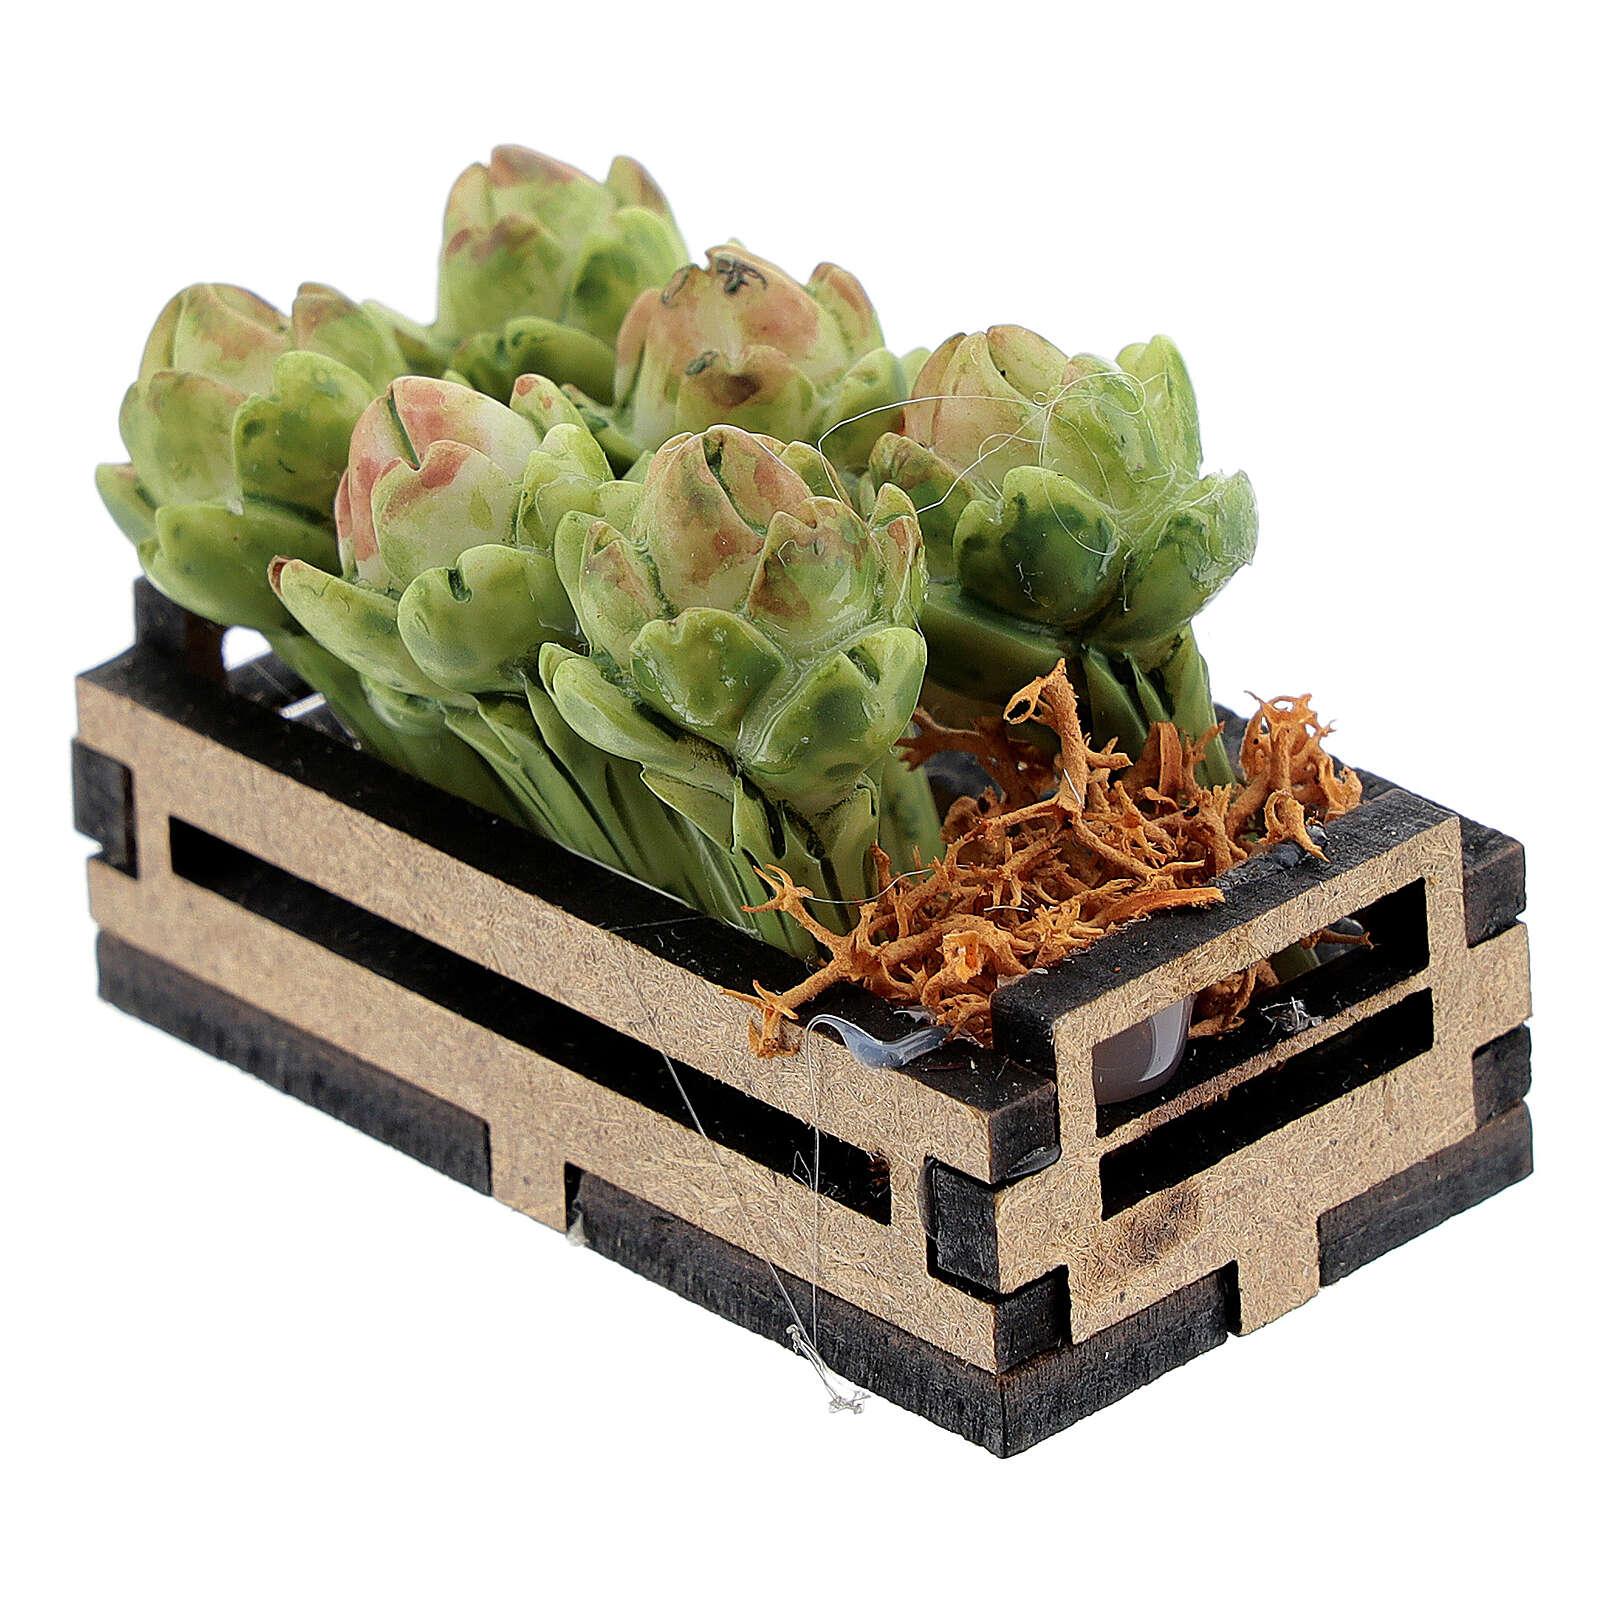 Artichokes in box Nativity scene 12-14 cm 4